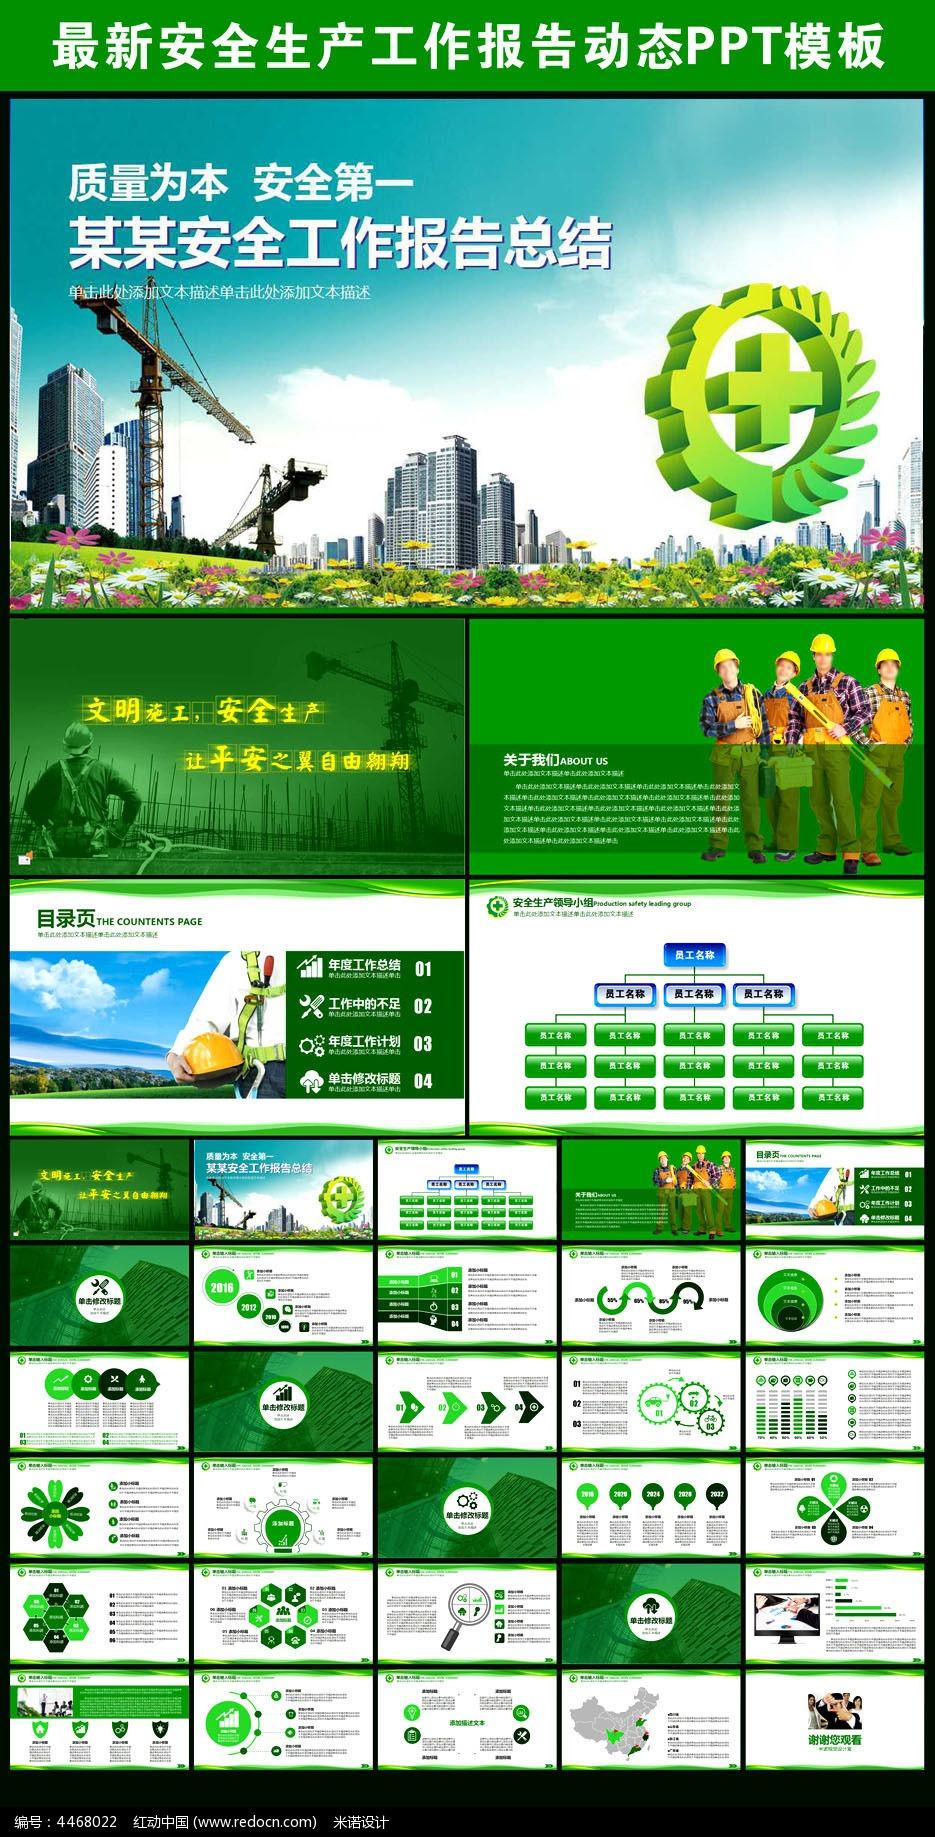 安全生产月工作报告PPT模板图片